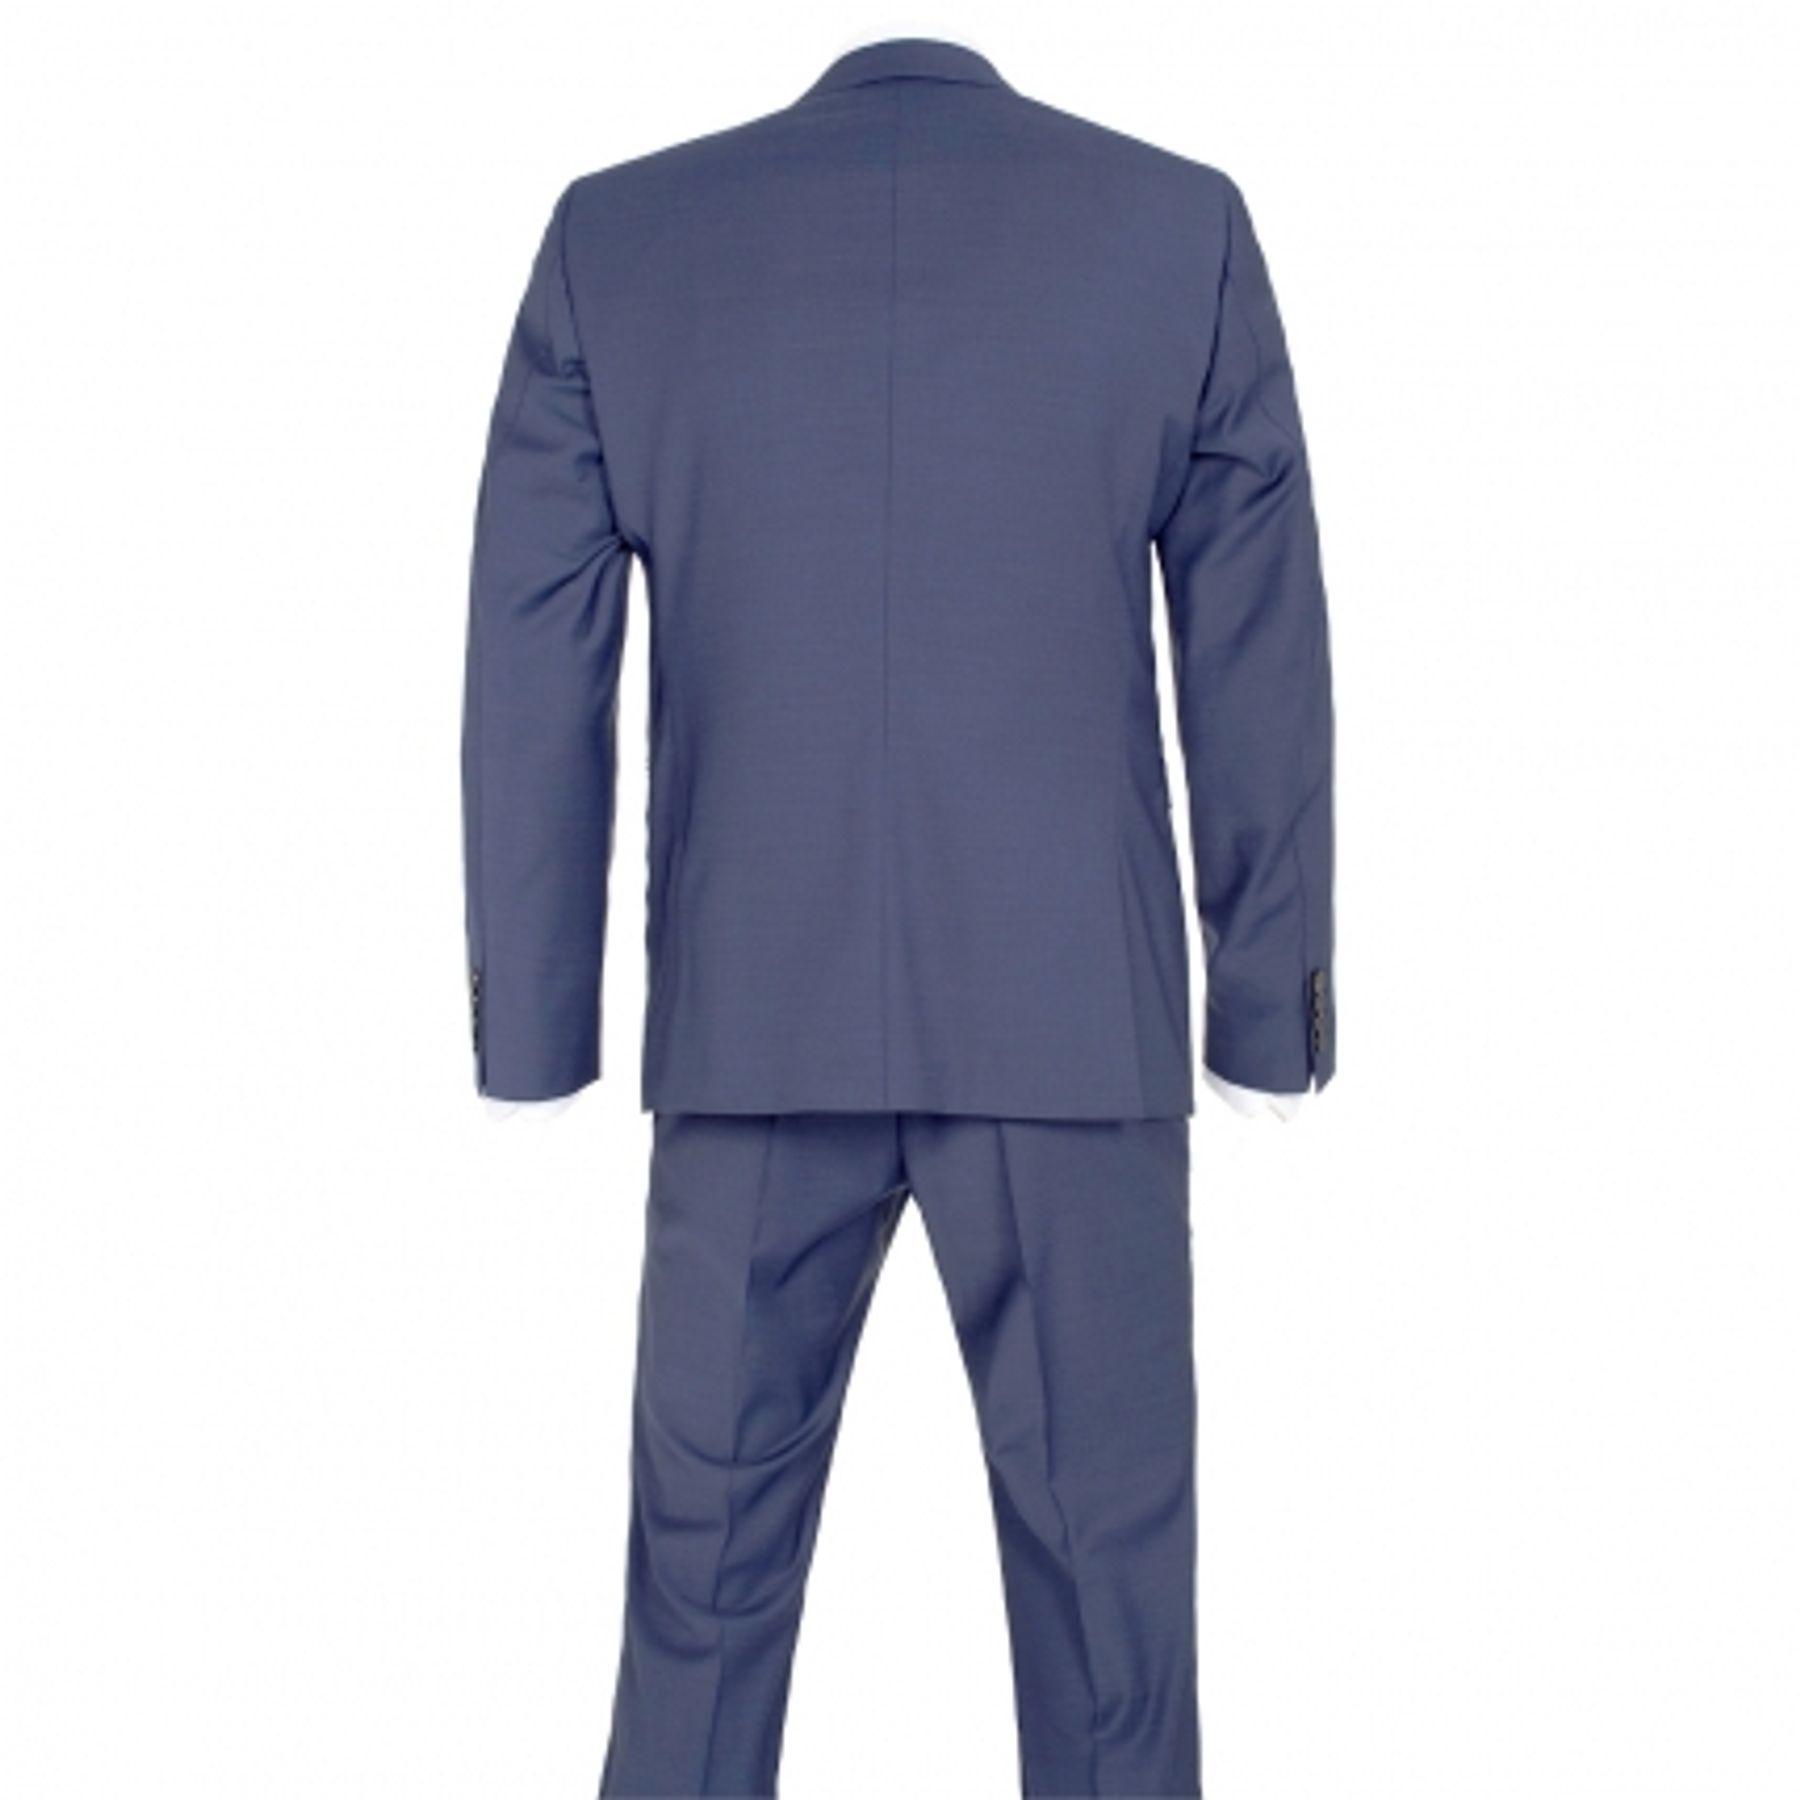 Benvenuto Purple - Slim Fit - Herren Baukasten Sakko für Jungen Trend-Anzug mit sehr schlankem Schnitt in verschiedenen Farben, Adonis (20657, Modell: 61283) – Bild 11